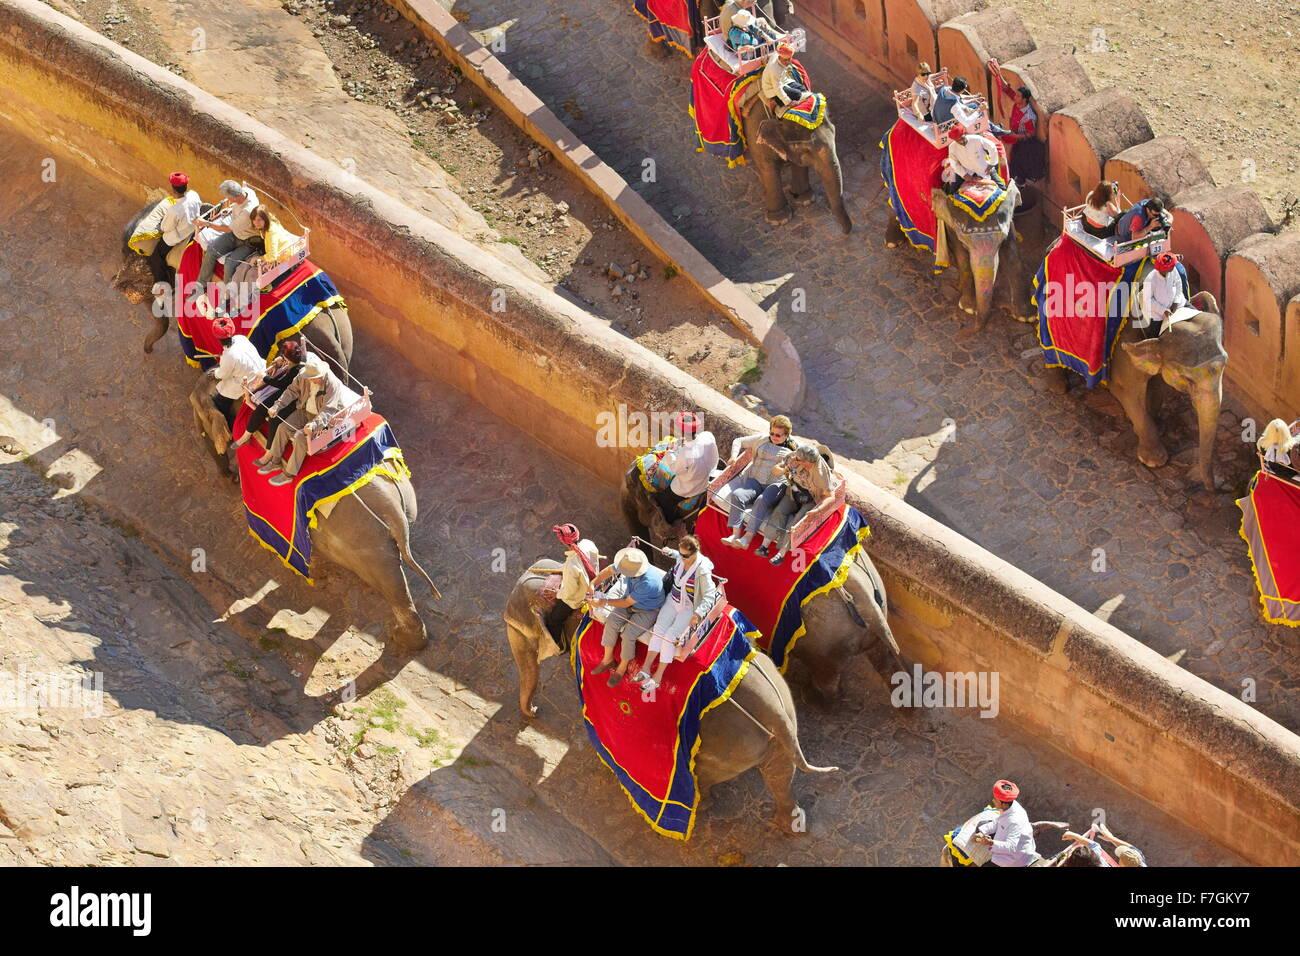 Los elefantes llevando turistas a El Fuerte Amber en Jaipur, Rajasthan, India Imagen De Stock